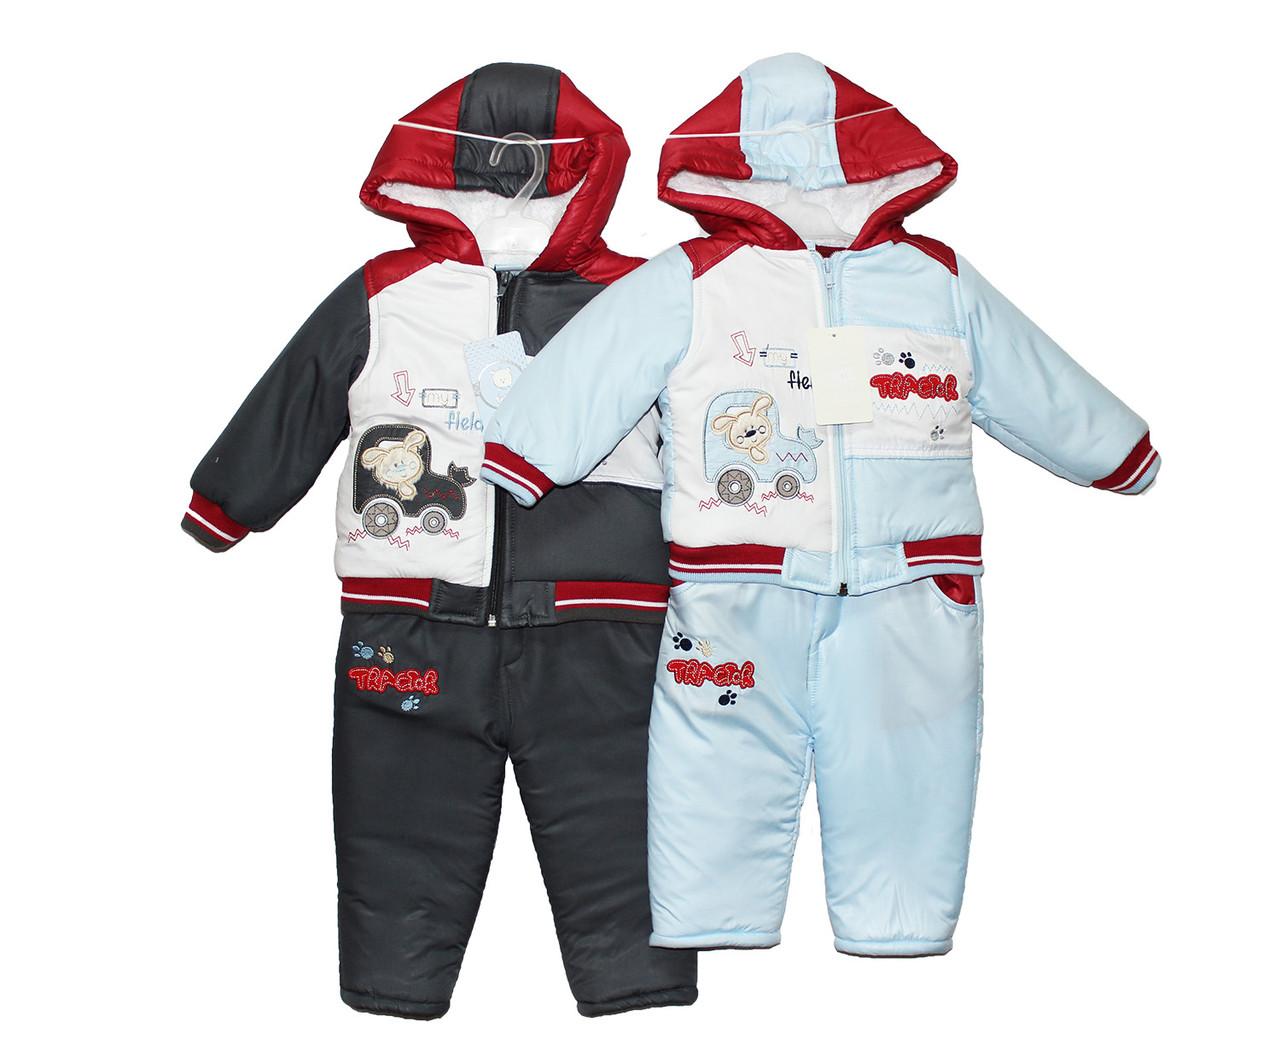 Комбінезон дитячий зимовий для хлопчика Picomini 1462